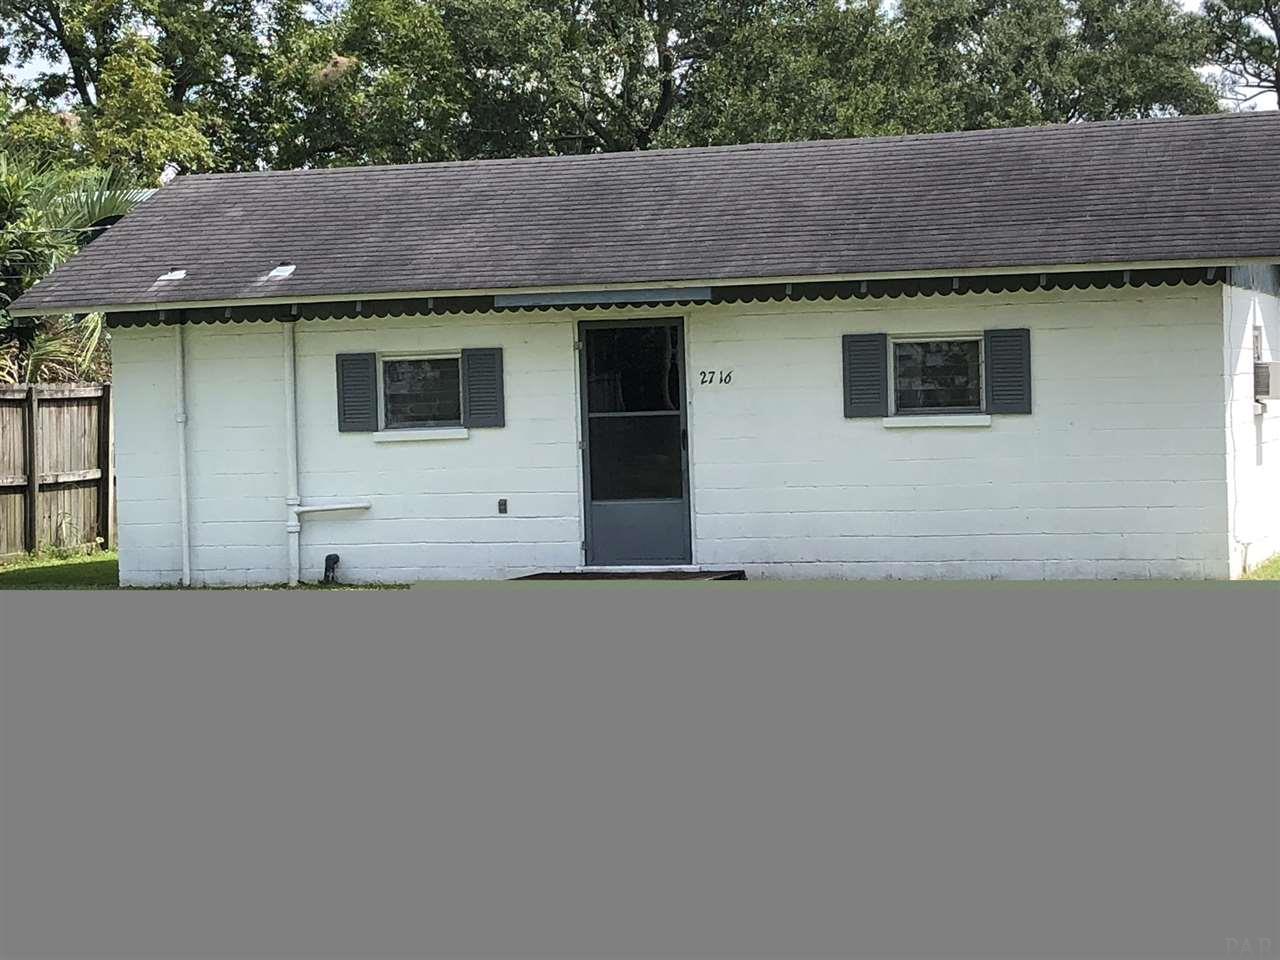 2716 Copter Rd, Pensacola, FL 32514